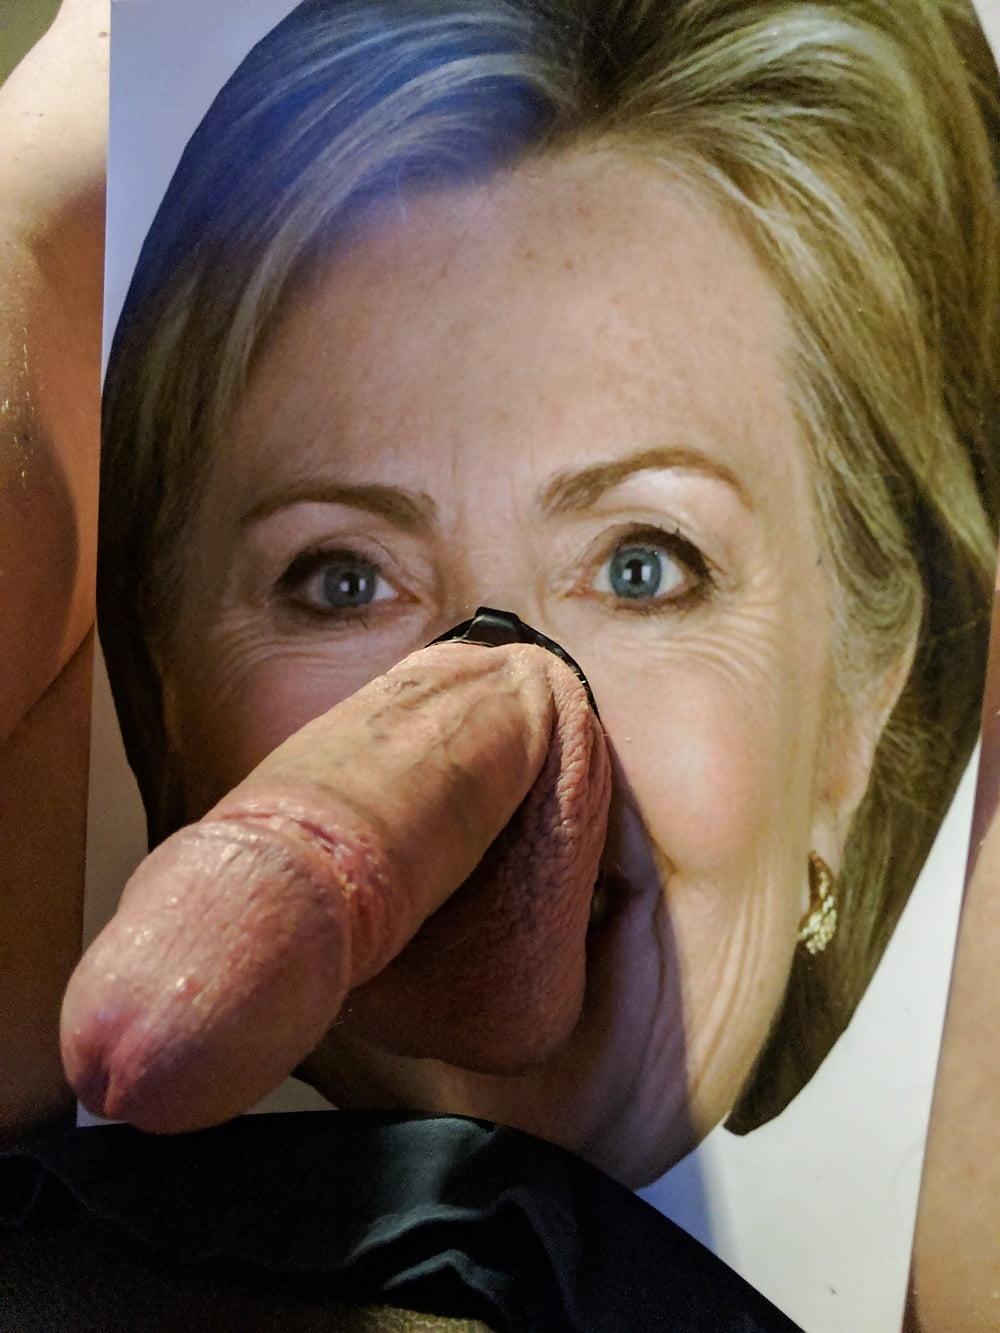 Watch Clinton